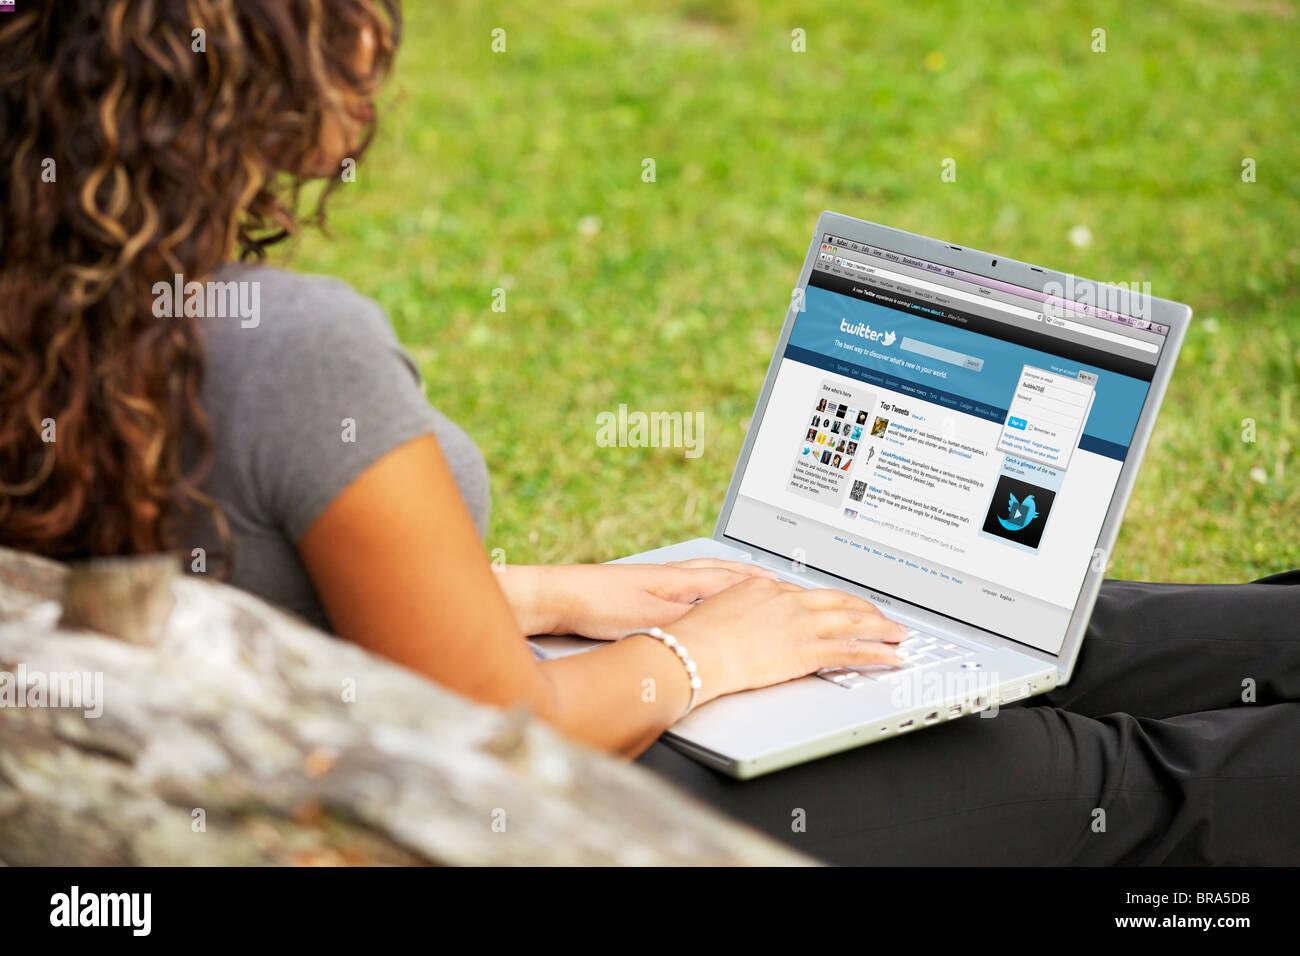 Jeune femme en signature sur sa page Twitter en ligne sur un seul ordinateur portable au parc Photo Stock